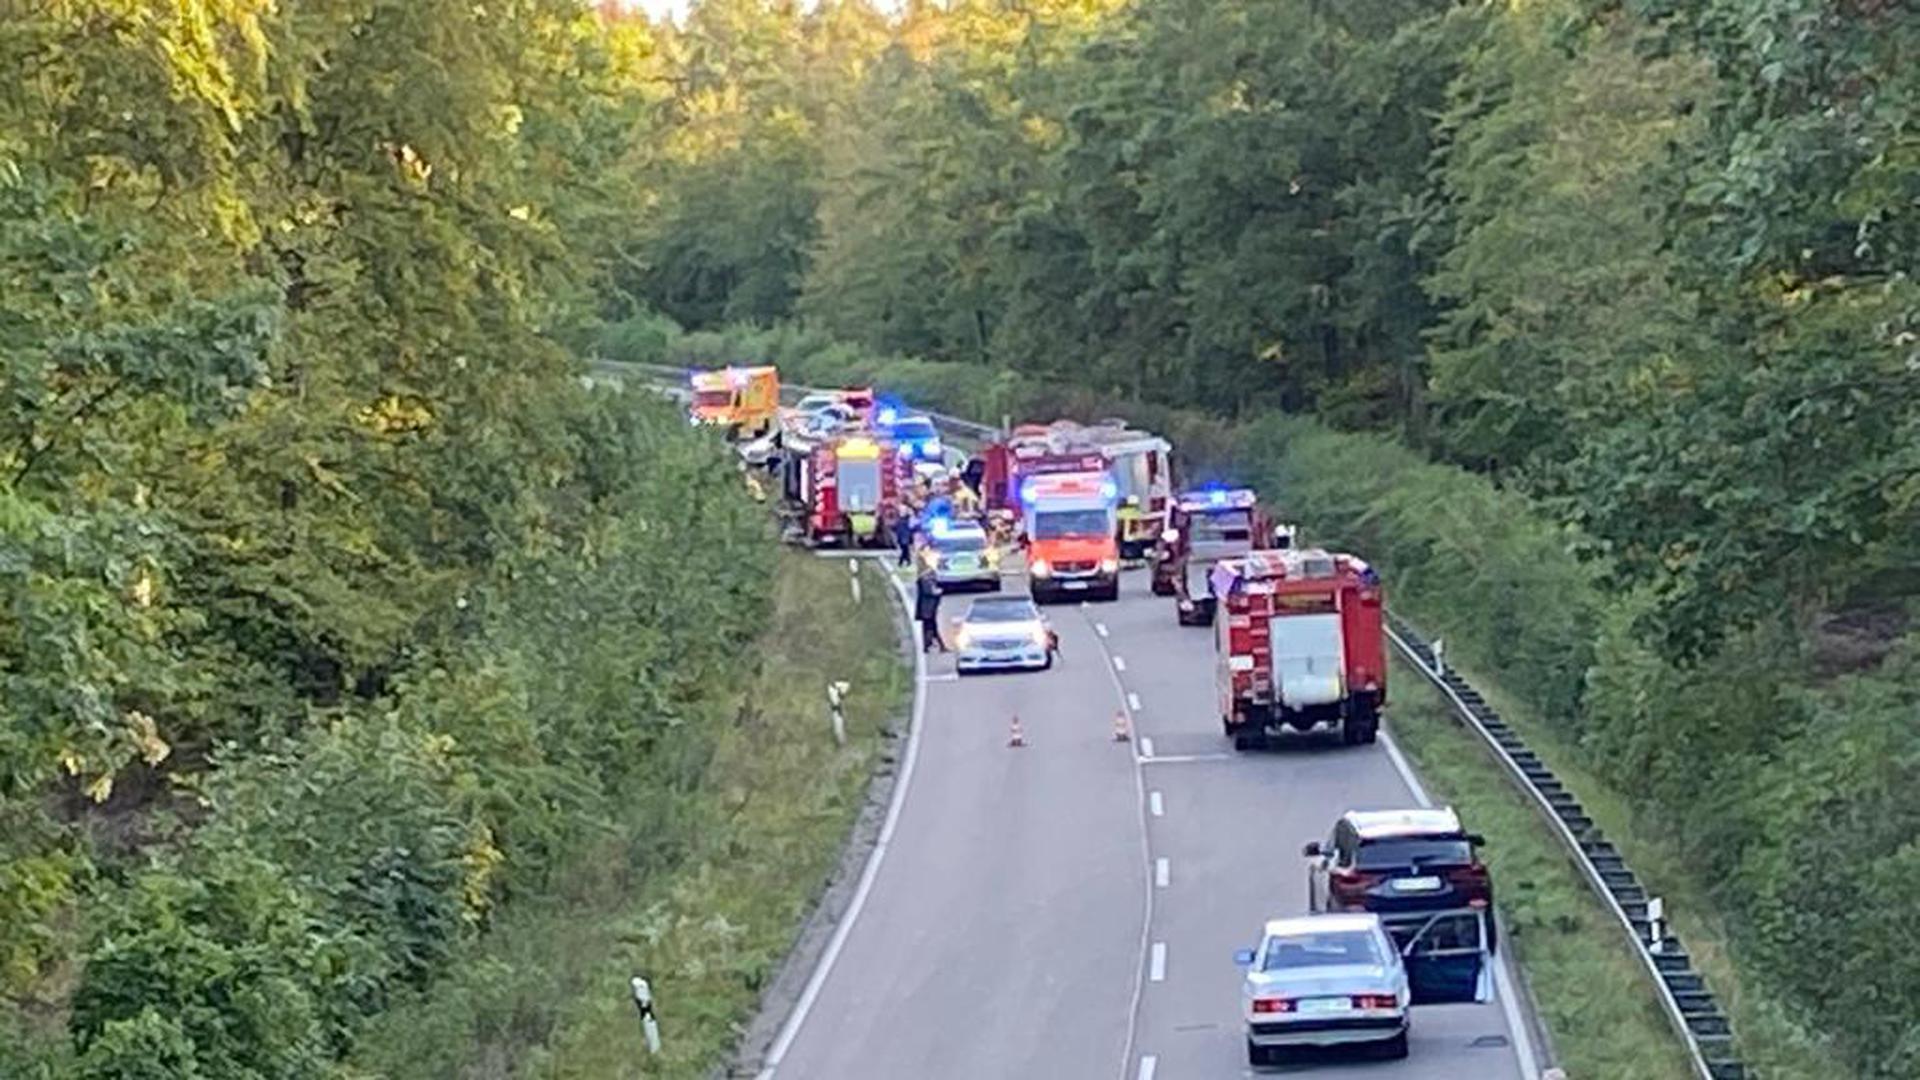 Feuerwehr und Rettungseinsatzkräfte sind vor Ort.